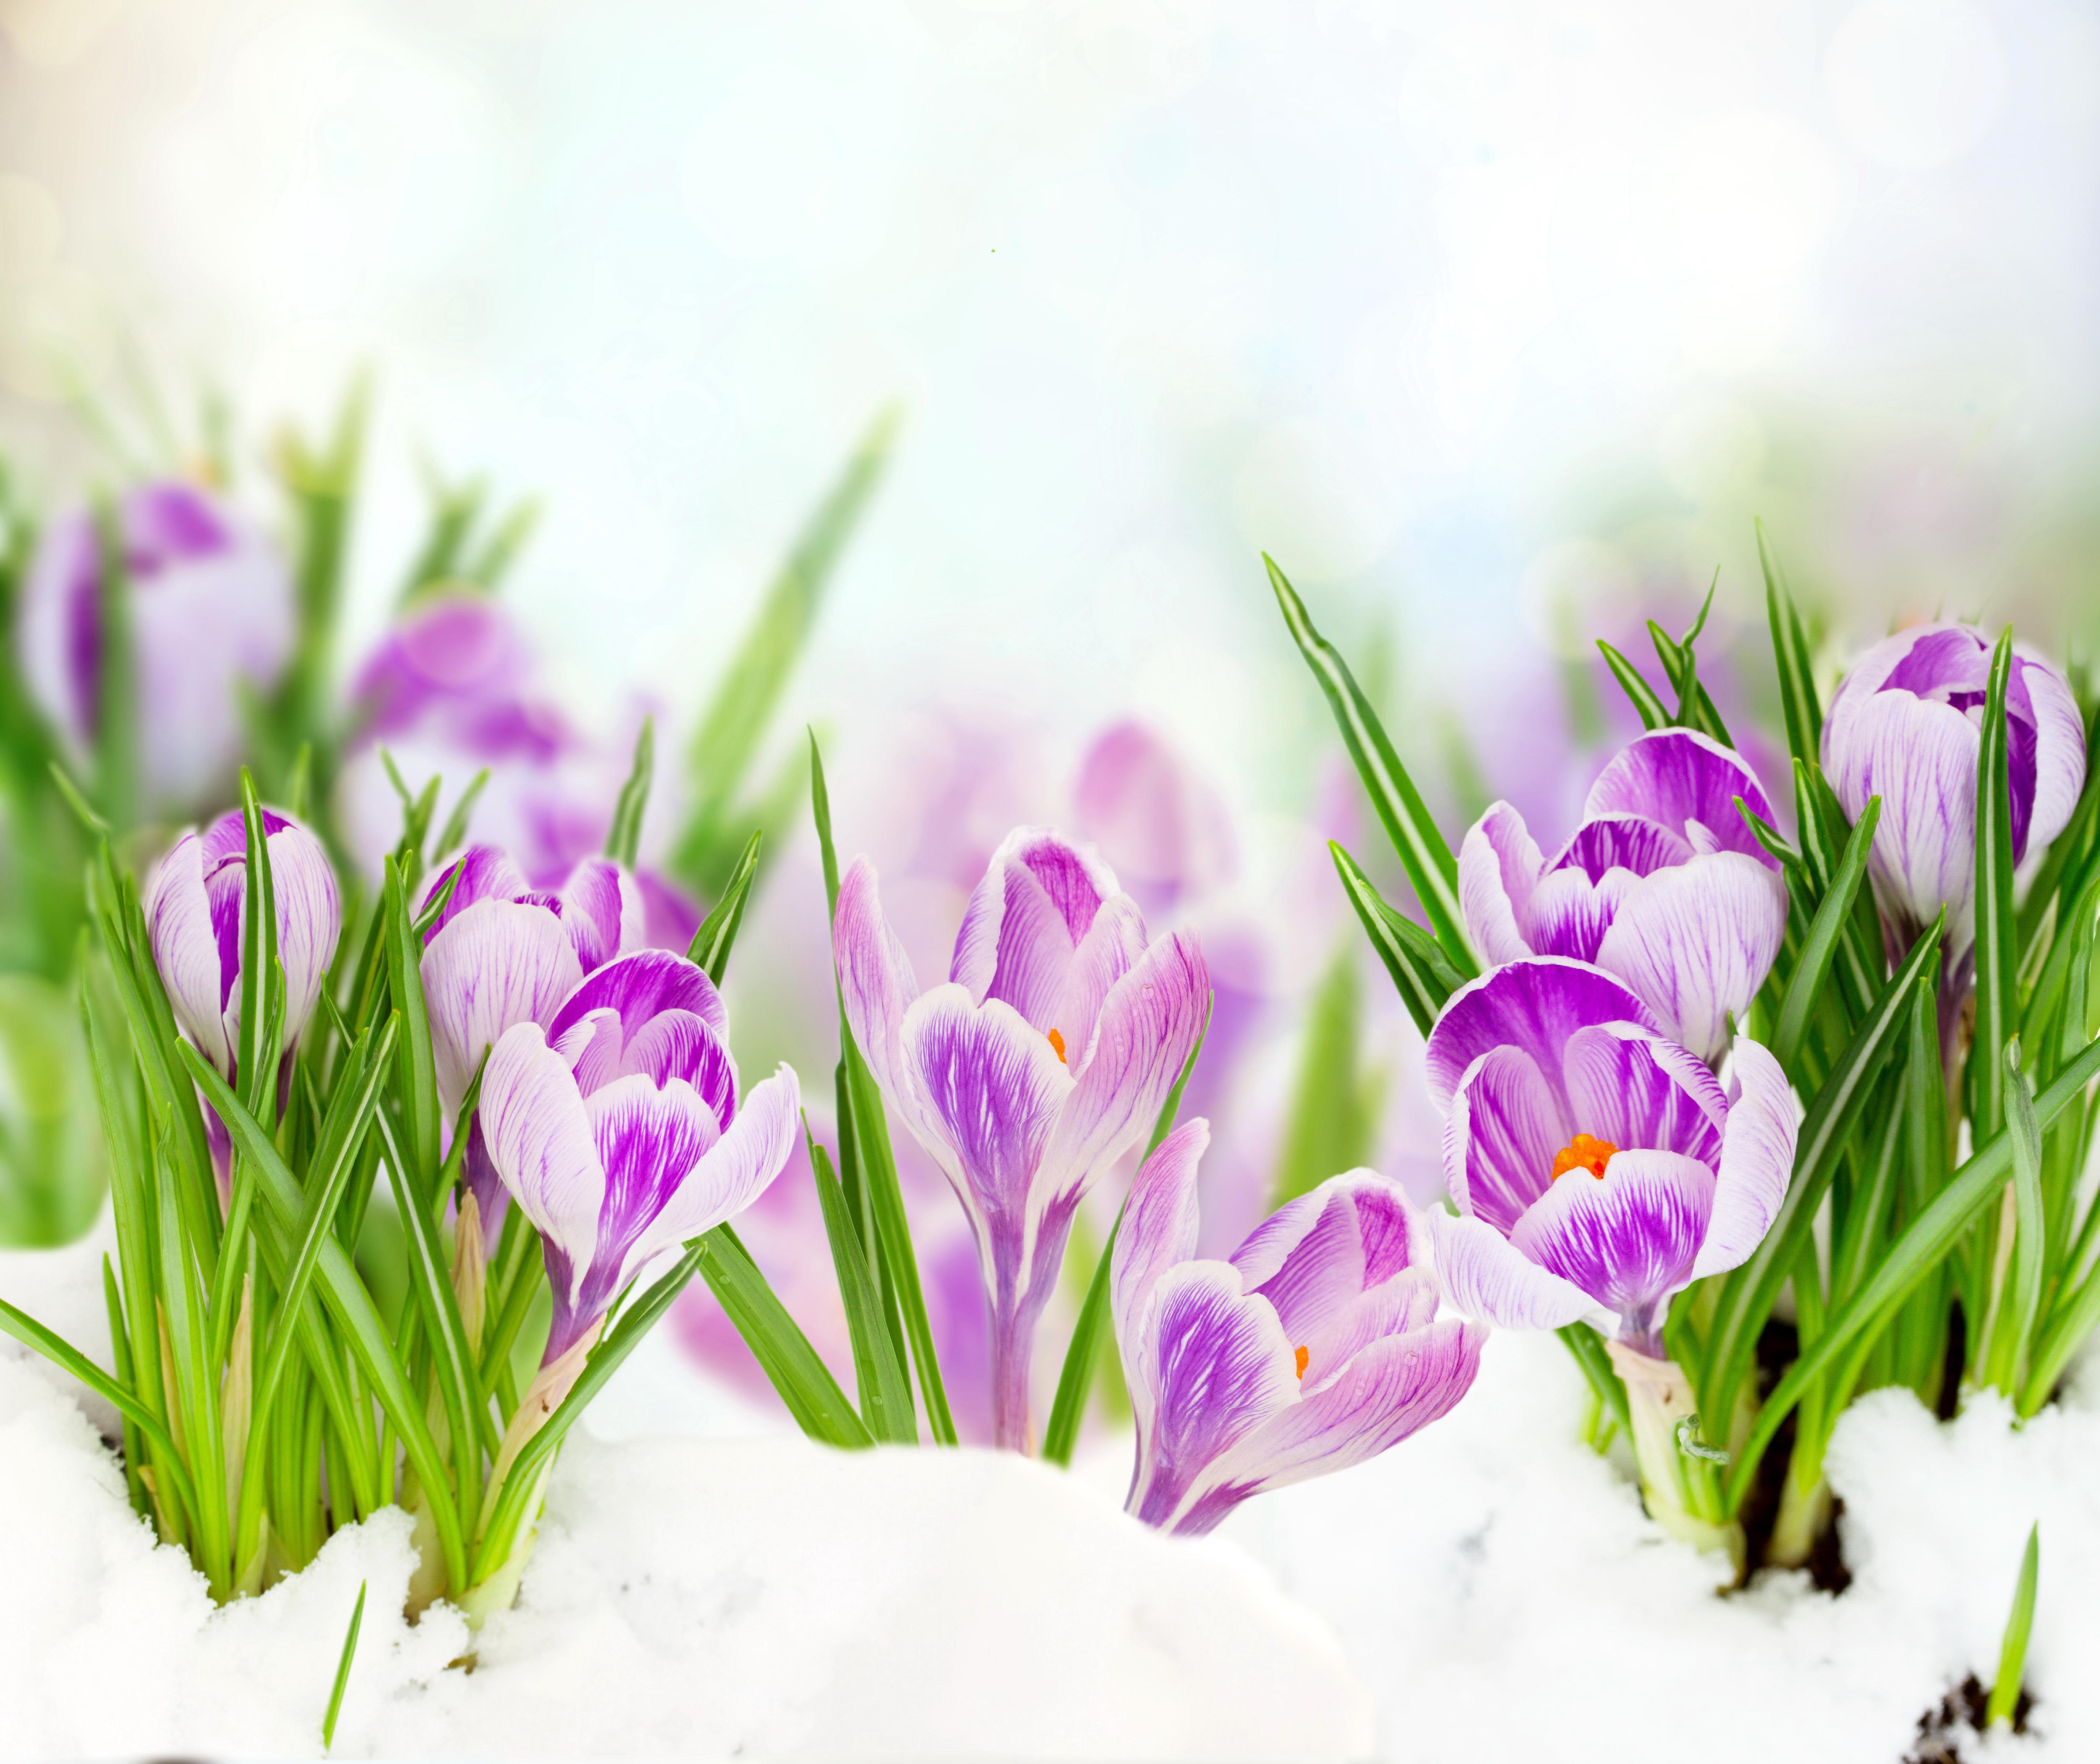 подснежники снег цветы бесплатно